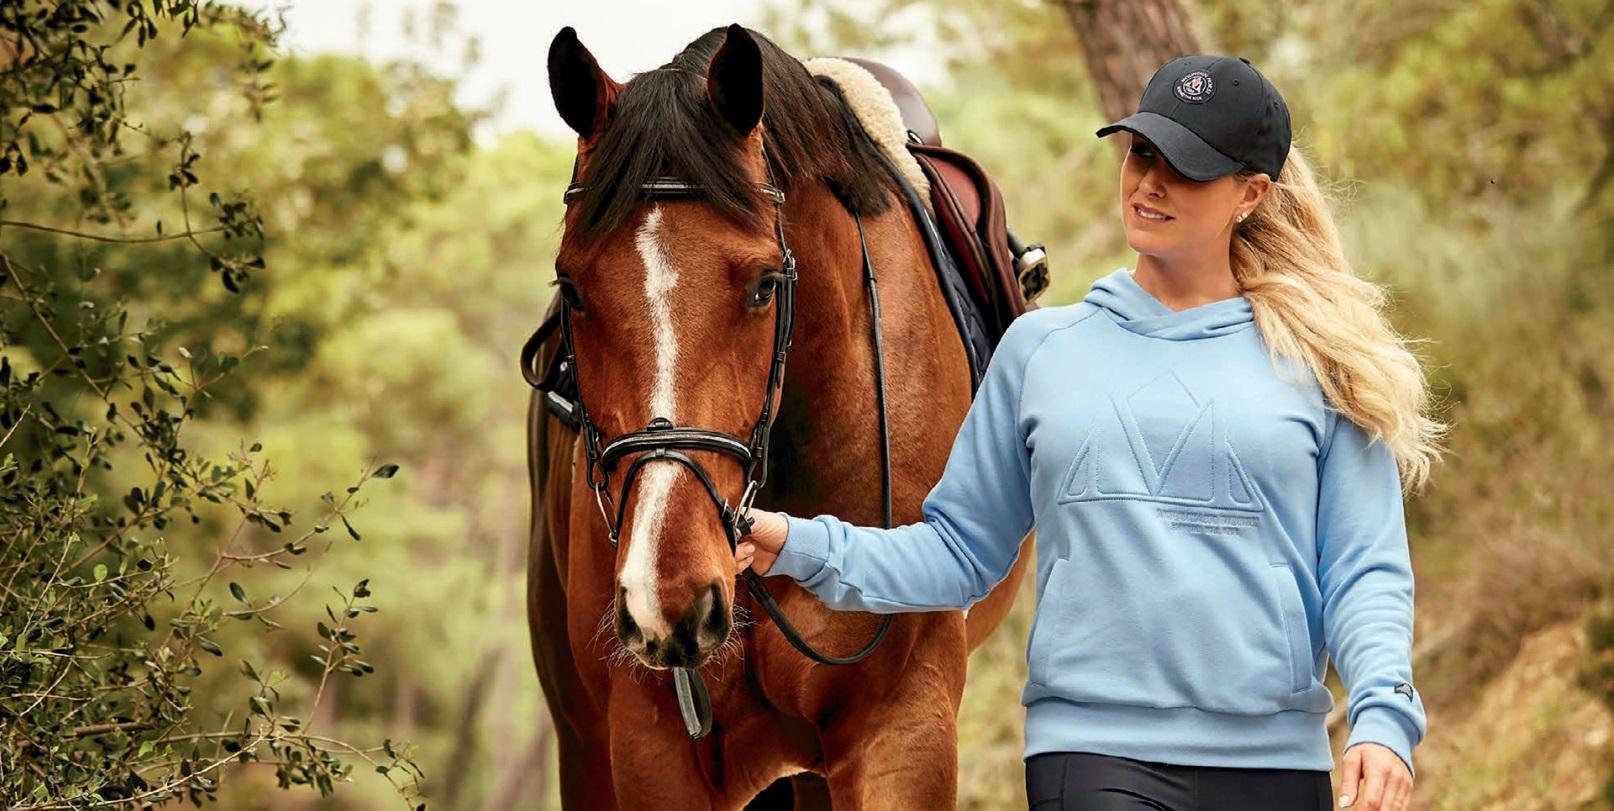 beste Auswahl von 2019 neuesten Stil beste Auswahl von 2019 MOUNTAIN HORSE | Funktionsausrüstung für Pferd & Reiter ...